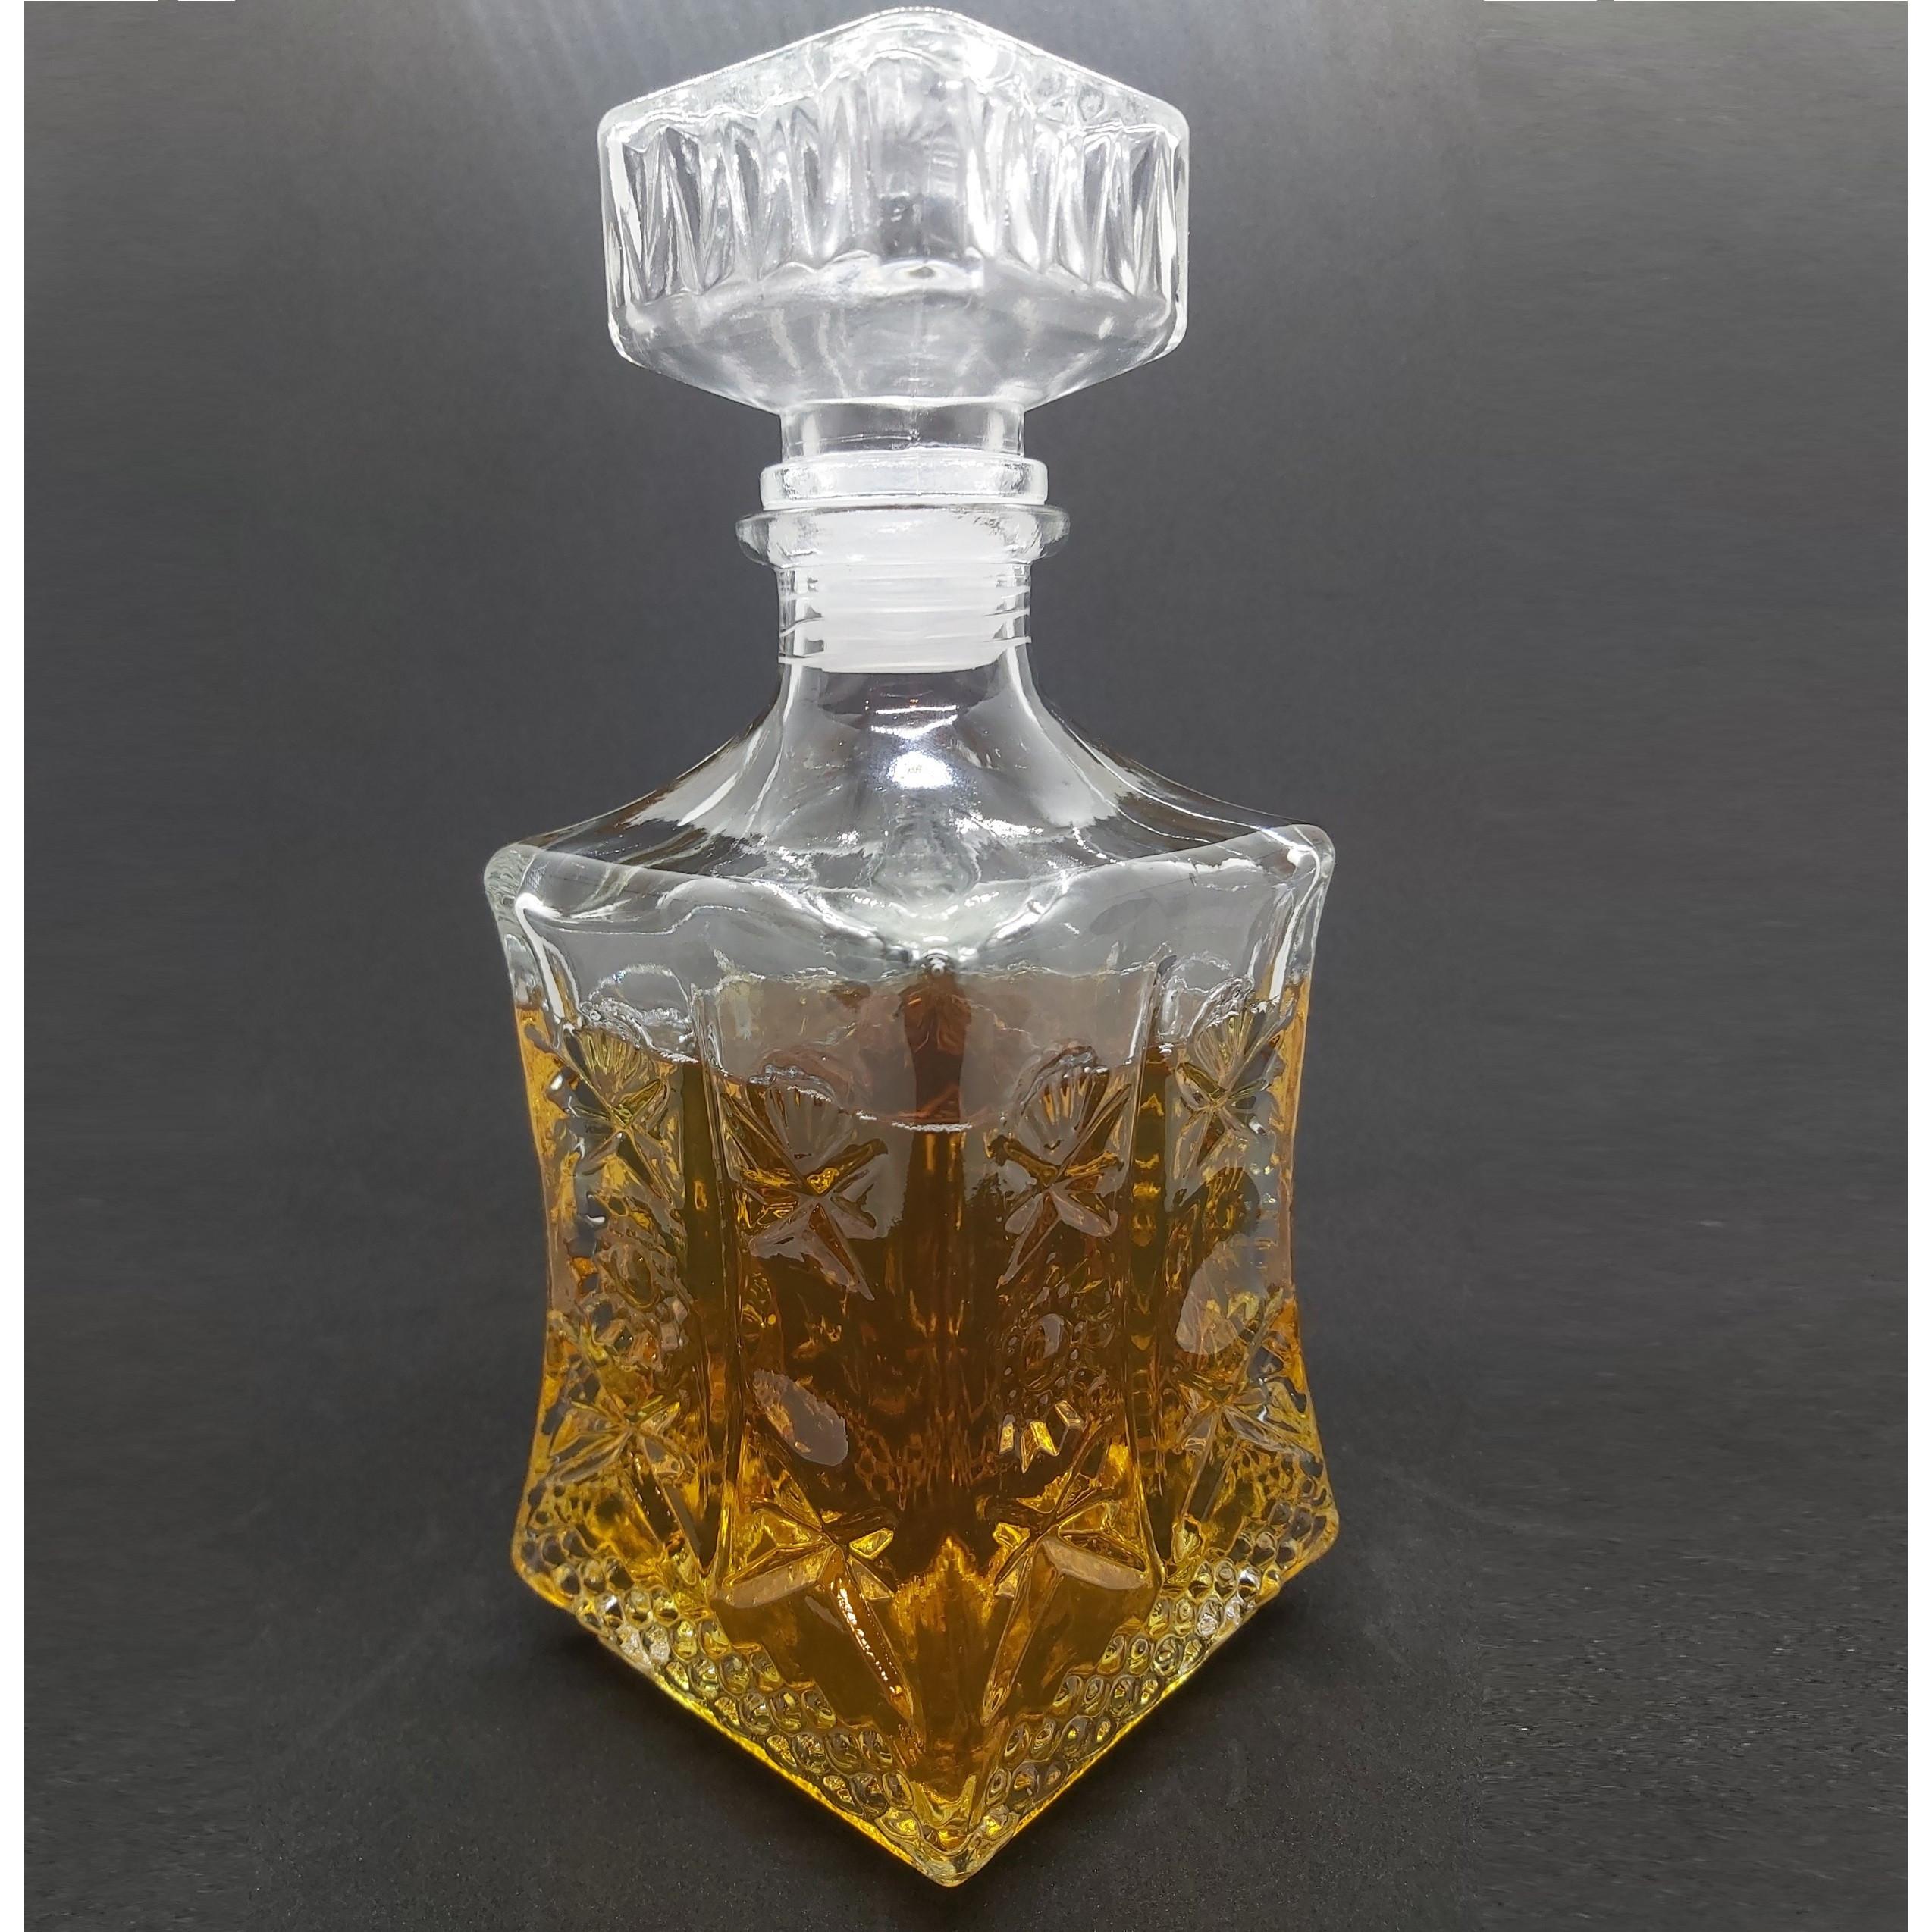 Chai Thủy Tinh đựng Rượu cao cấp Mẫu VUÔNG VÁT EO 750ML - Vỏ Chai 750ml thủy tinh cao cấp, bình thủy tinh 750ml siêu trong suốt